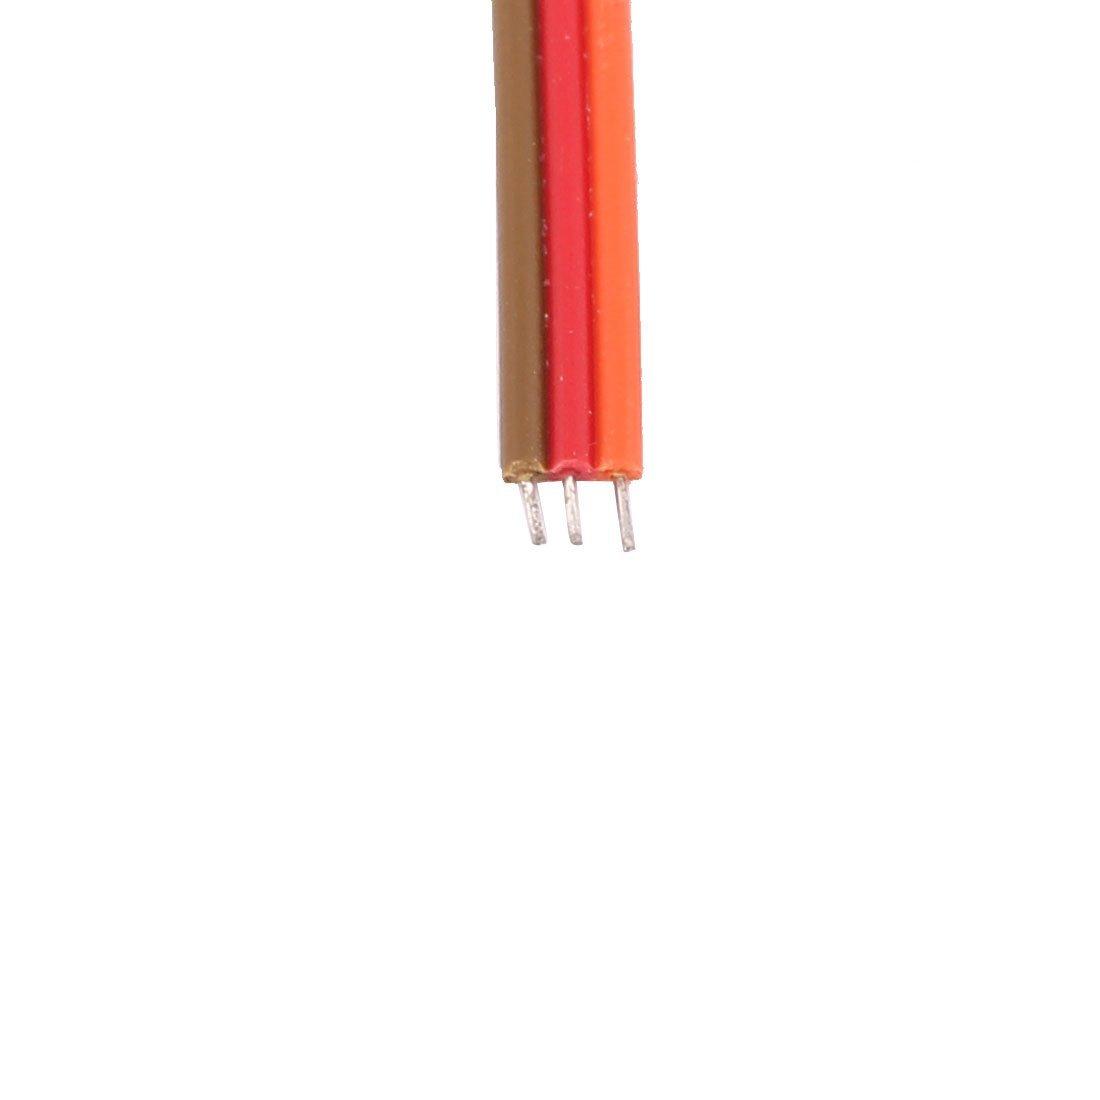 Amazon.com: eDealMax Mujer 3P Jumper Cables Los Cables de Cinta Pi Pico de tablero DIY 40cm de Largo: Electronics